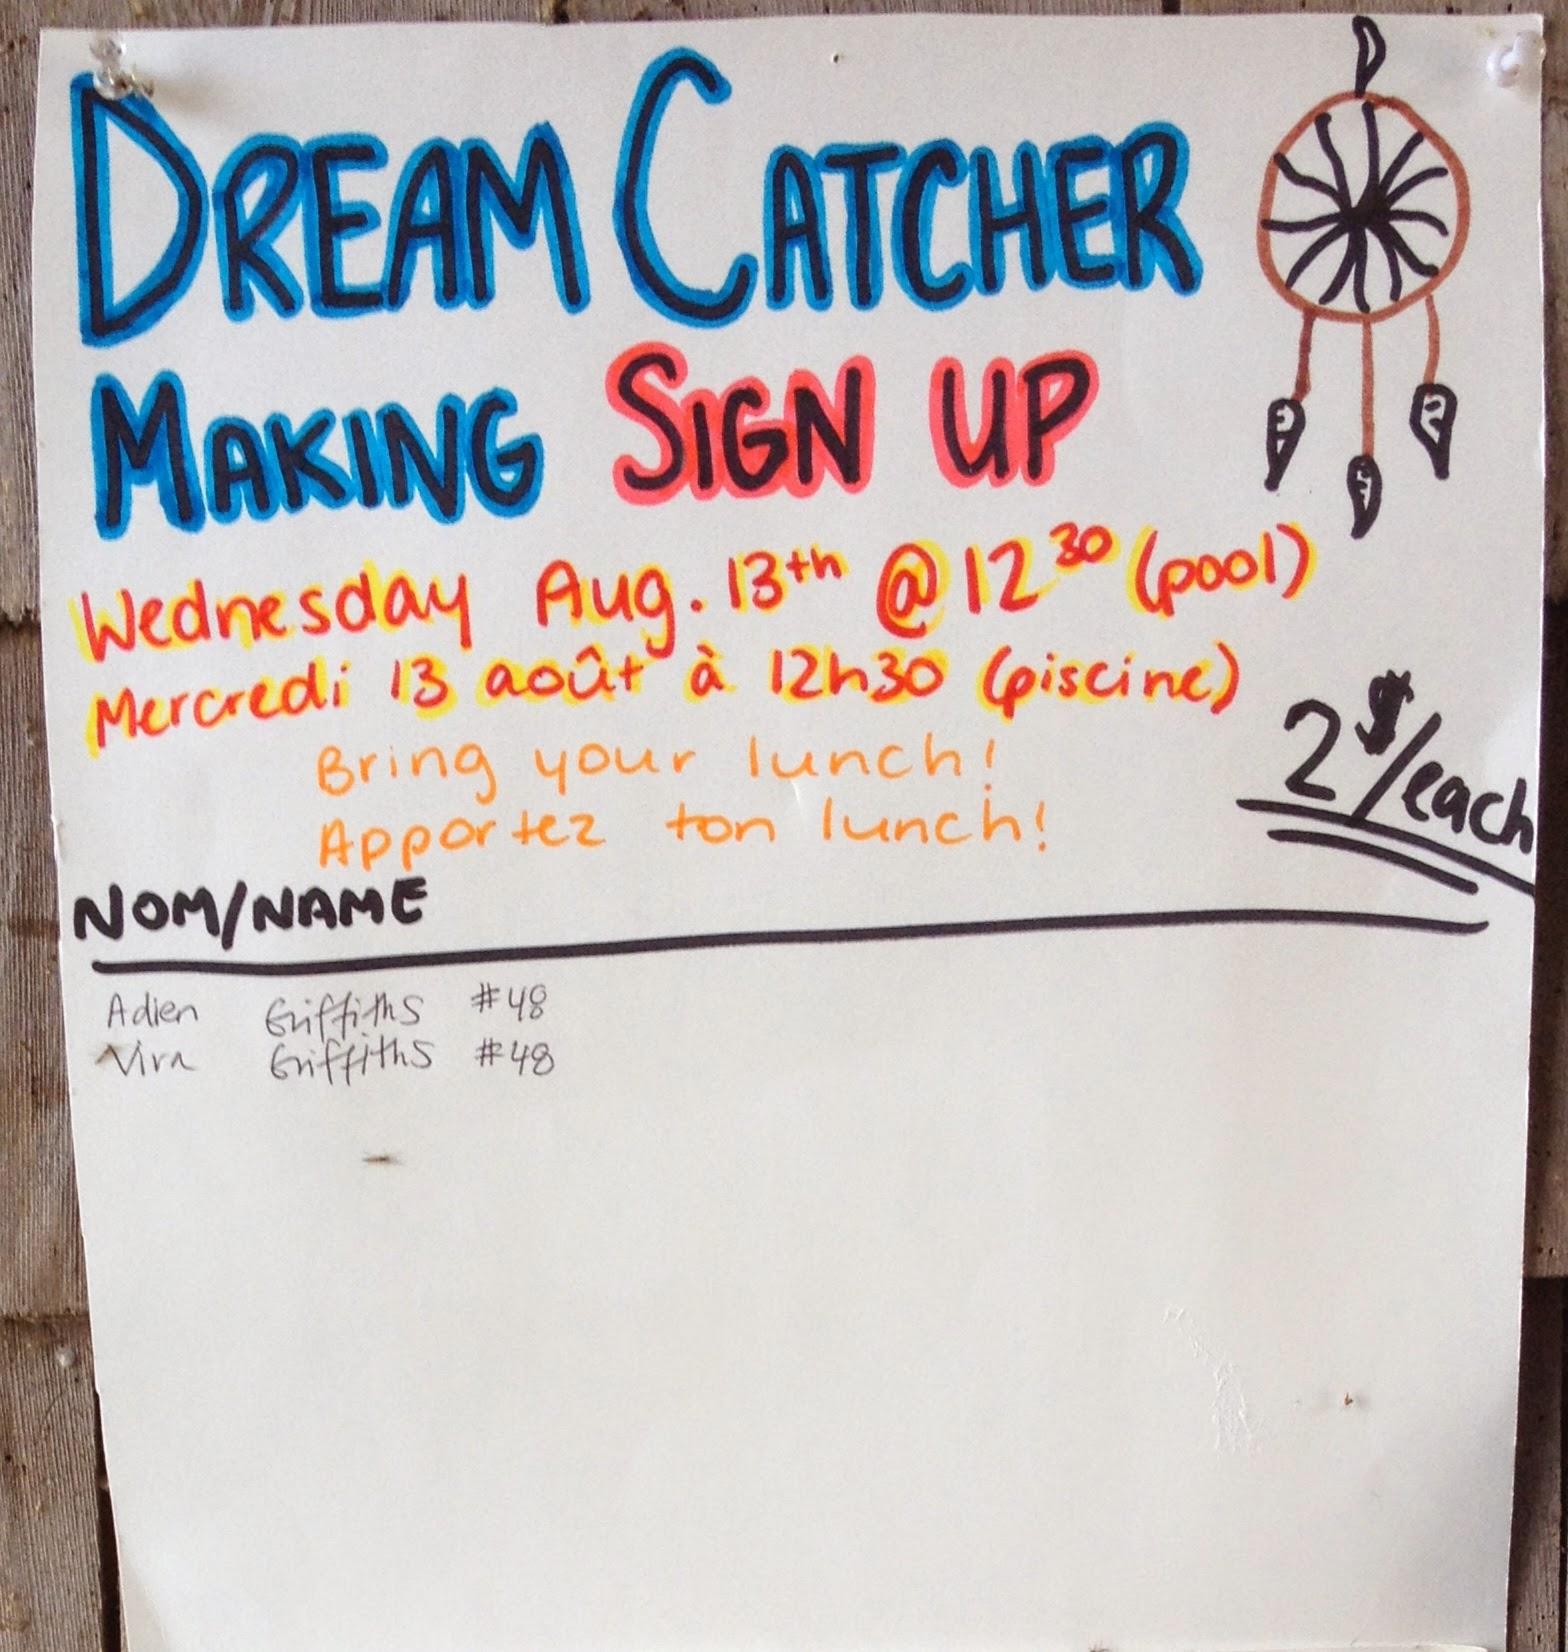 Dream Catcher Making – Mercredi 13 août à 12:30 (pool)